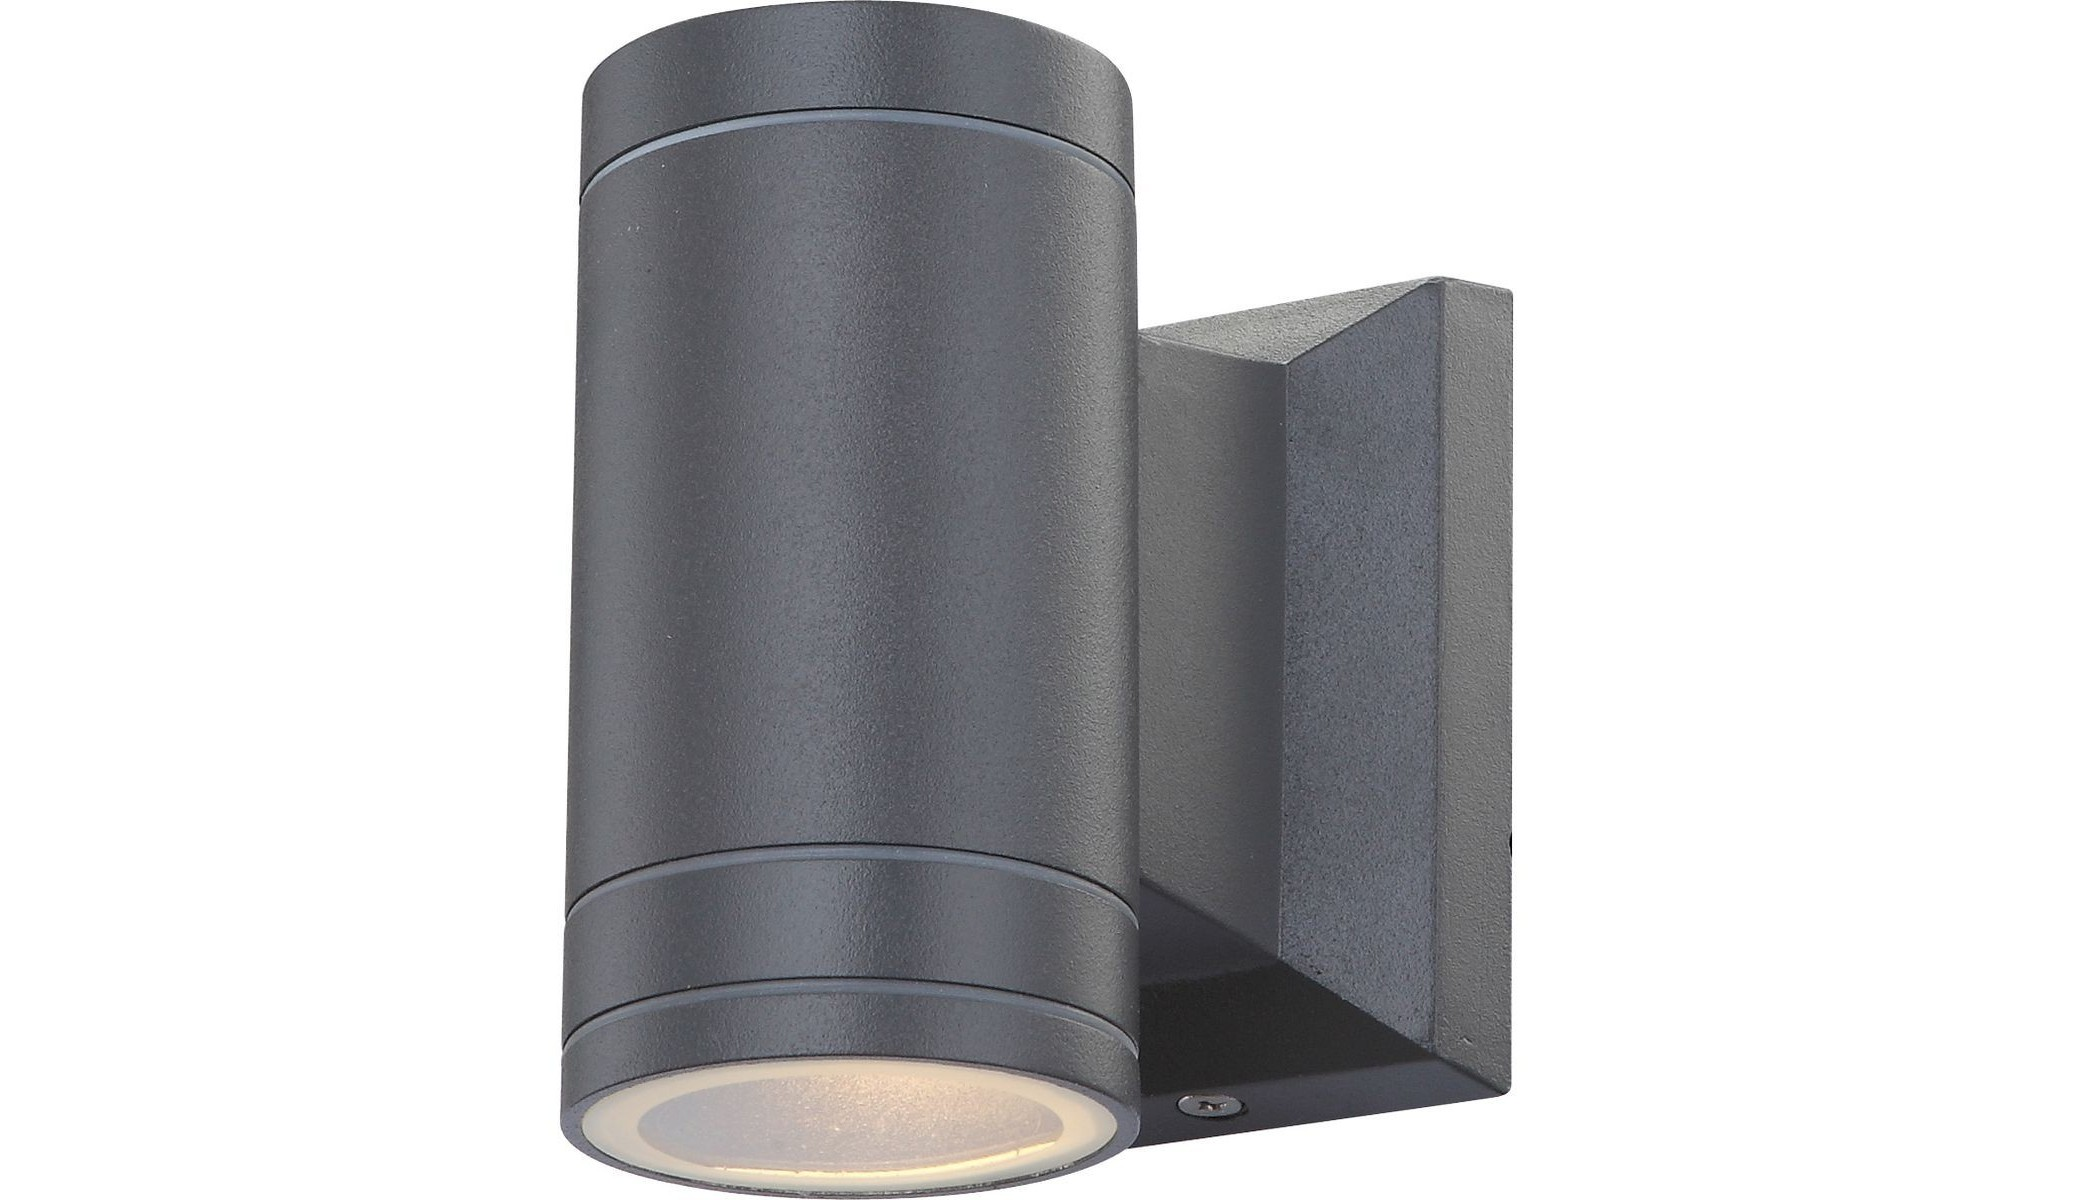 Светильник уличныйУличные настенные светильники<br>&amp;lt;div&amp;gt;Вид цоколя: G10&amp;lt;/div&amp;gt;&amp;lt;div&amp;gt;Мощность: 5W&amp;lt;/div&amp;gt;&amp;lt;div&amp;gt;Количество ламп: 1&amp;lt;/div&amp;gt;<br><br>Material: Алюминий<br>Ширина см: 6<br>Высота см: 12<br>Глубина см: 10